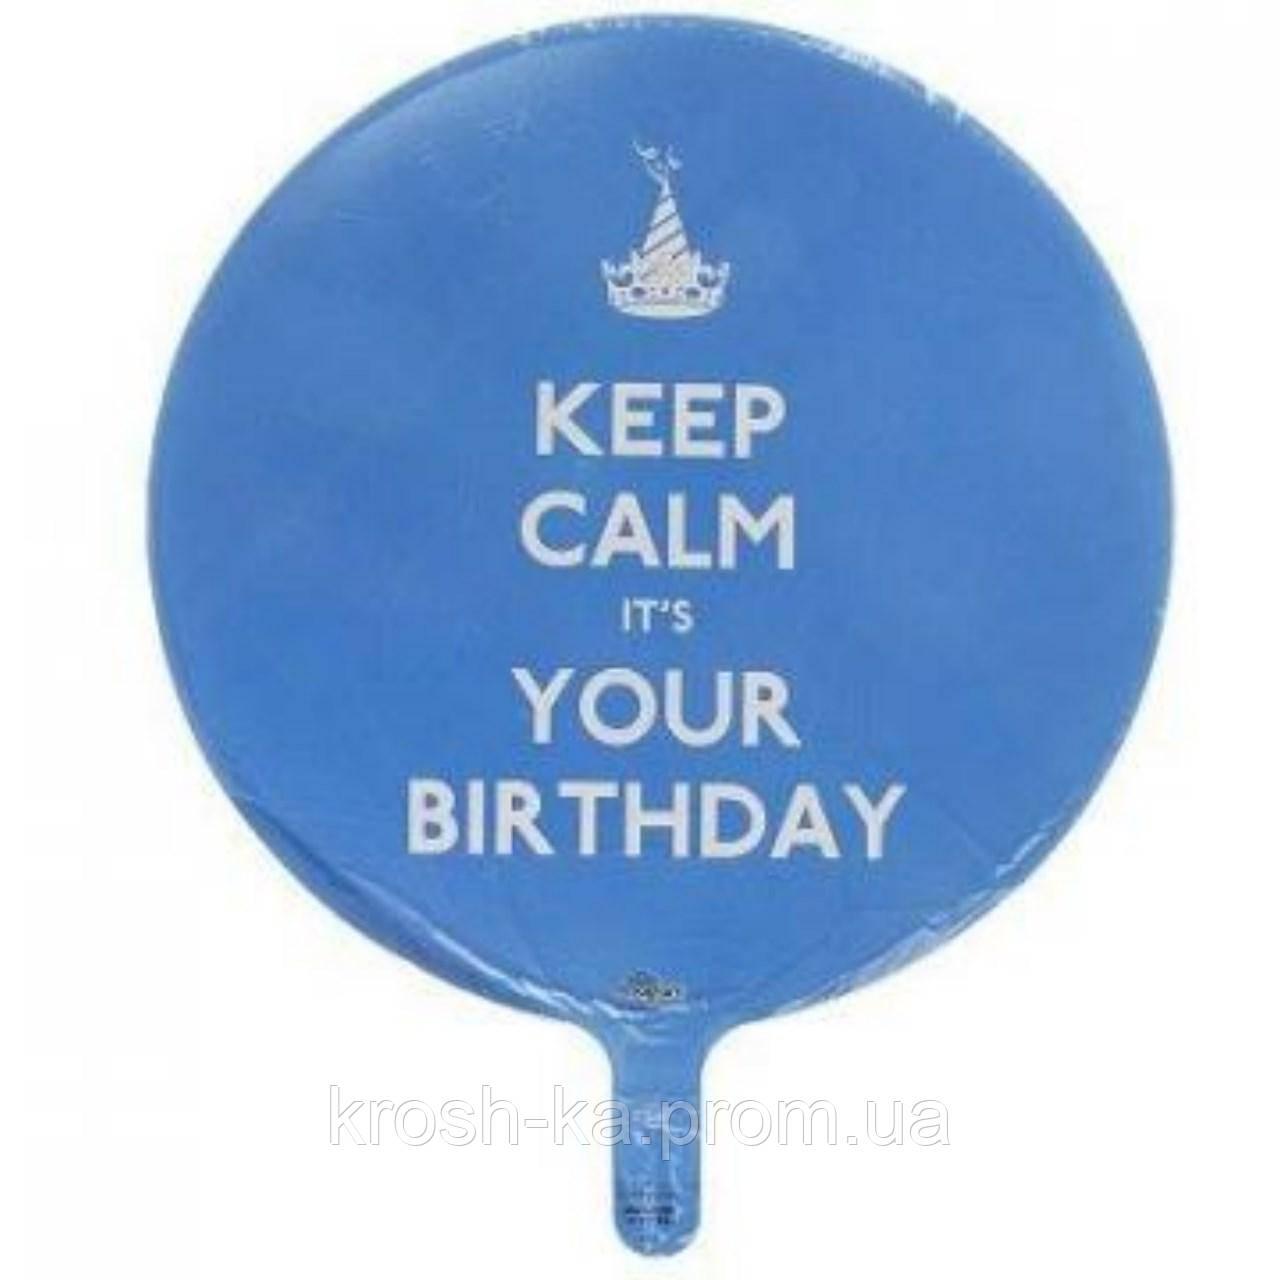 Фольгированный шар С днём рождения 30 лет синий 43см США 3202-0035